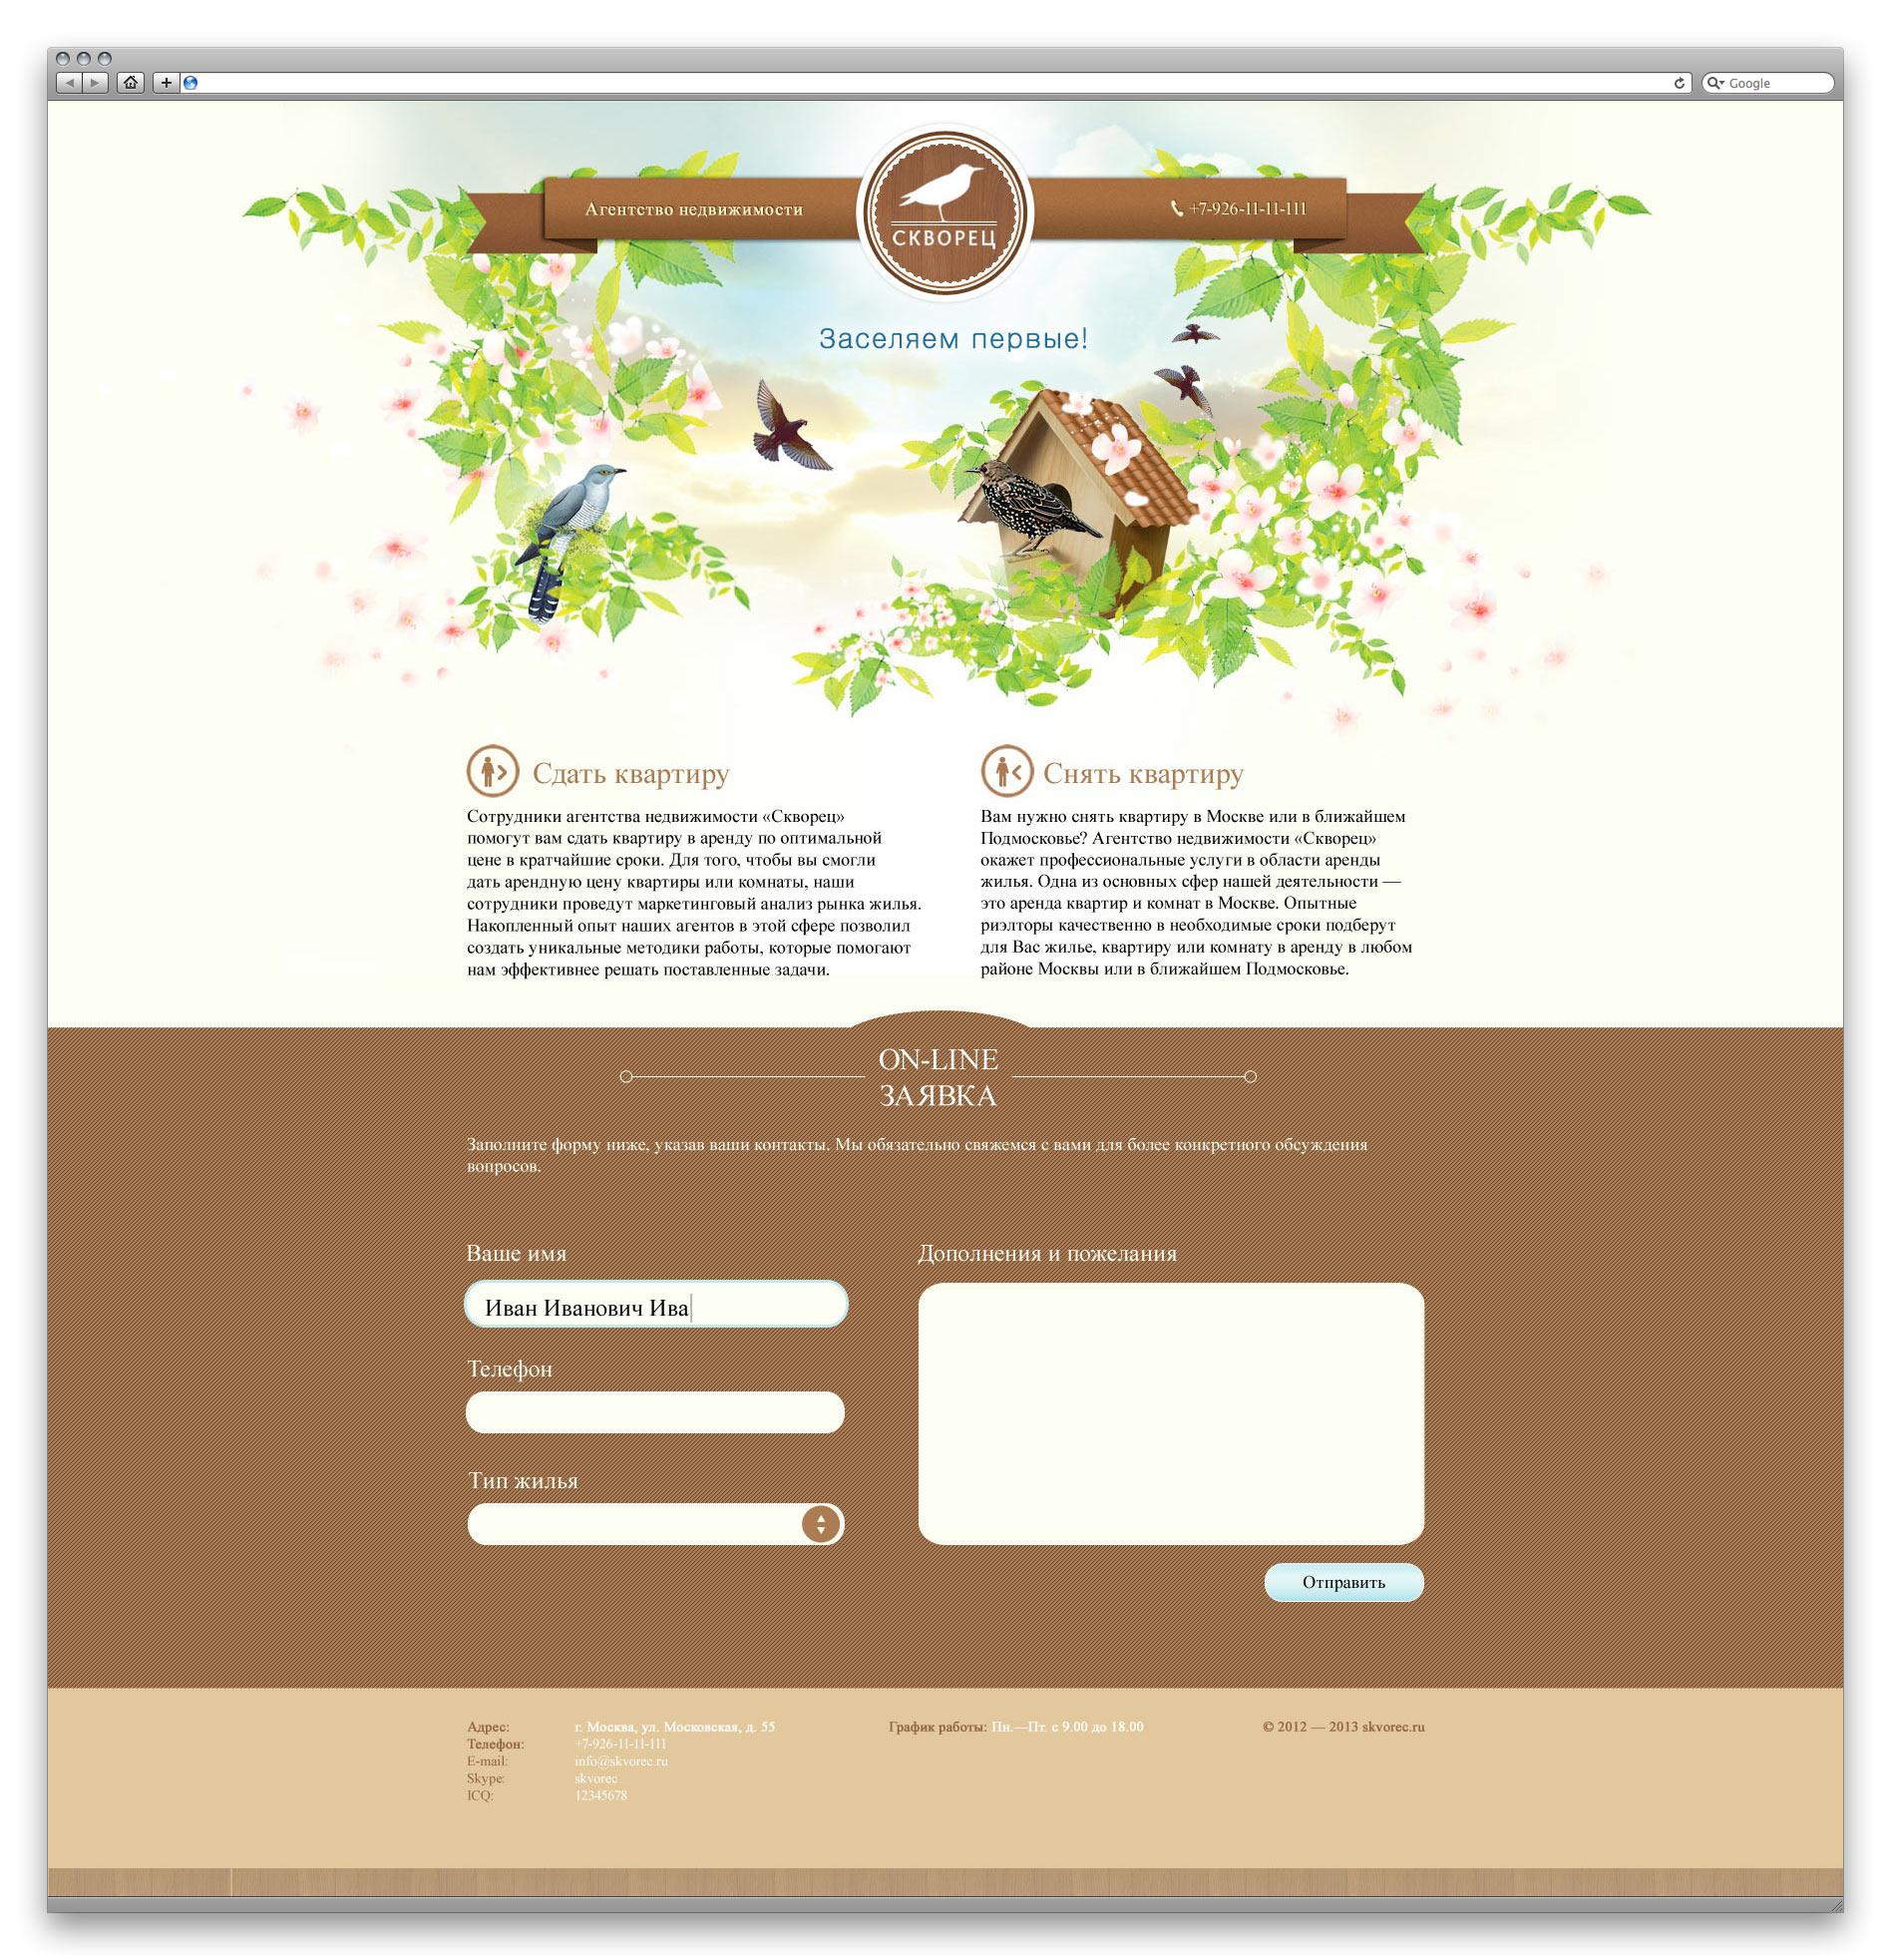 Дизайн главной страницы сайта фото f_503e110347686.jpg